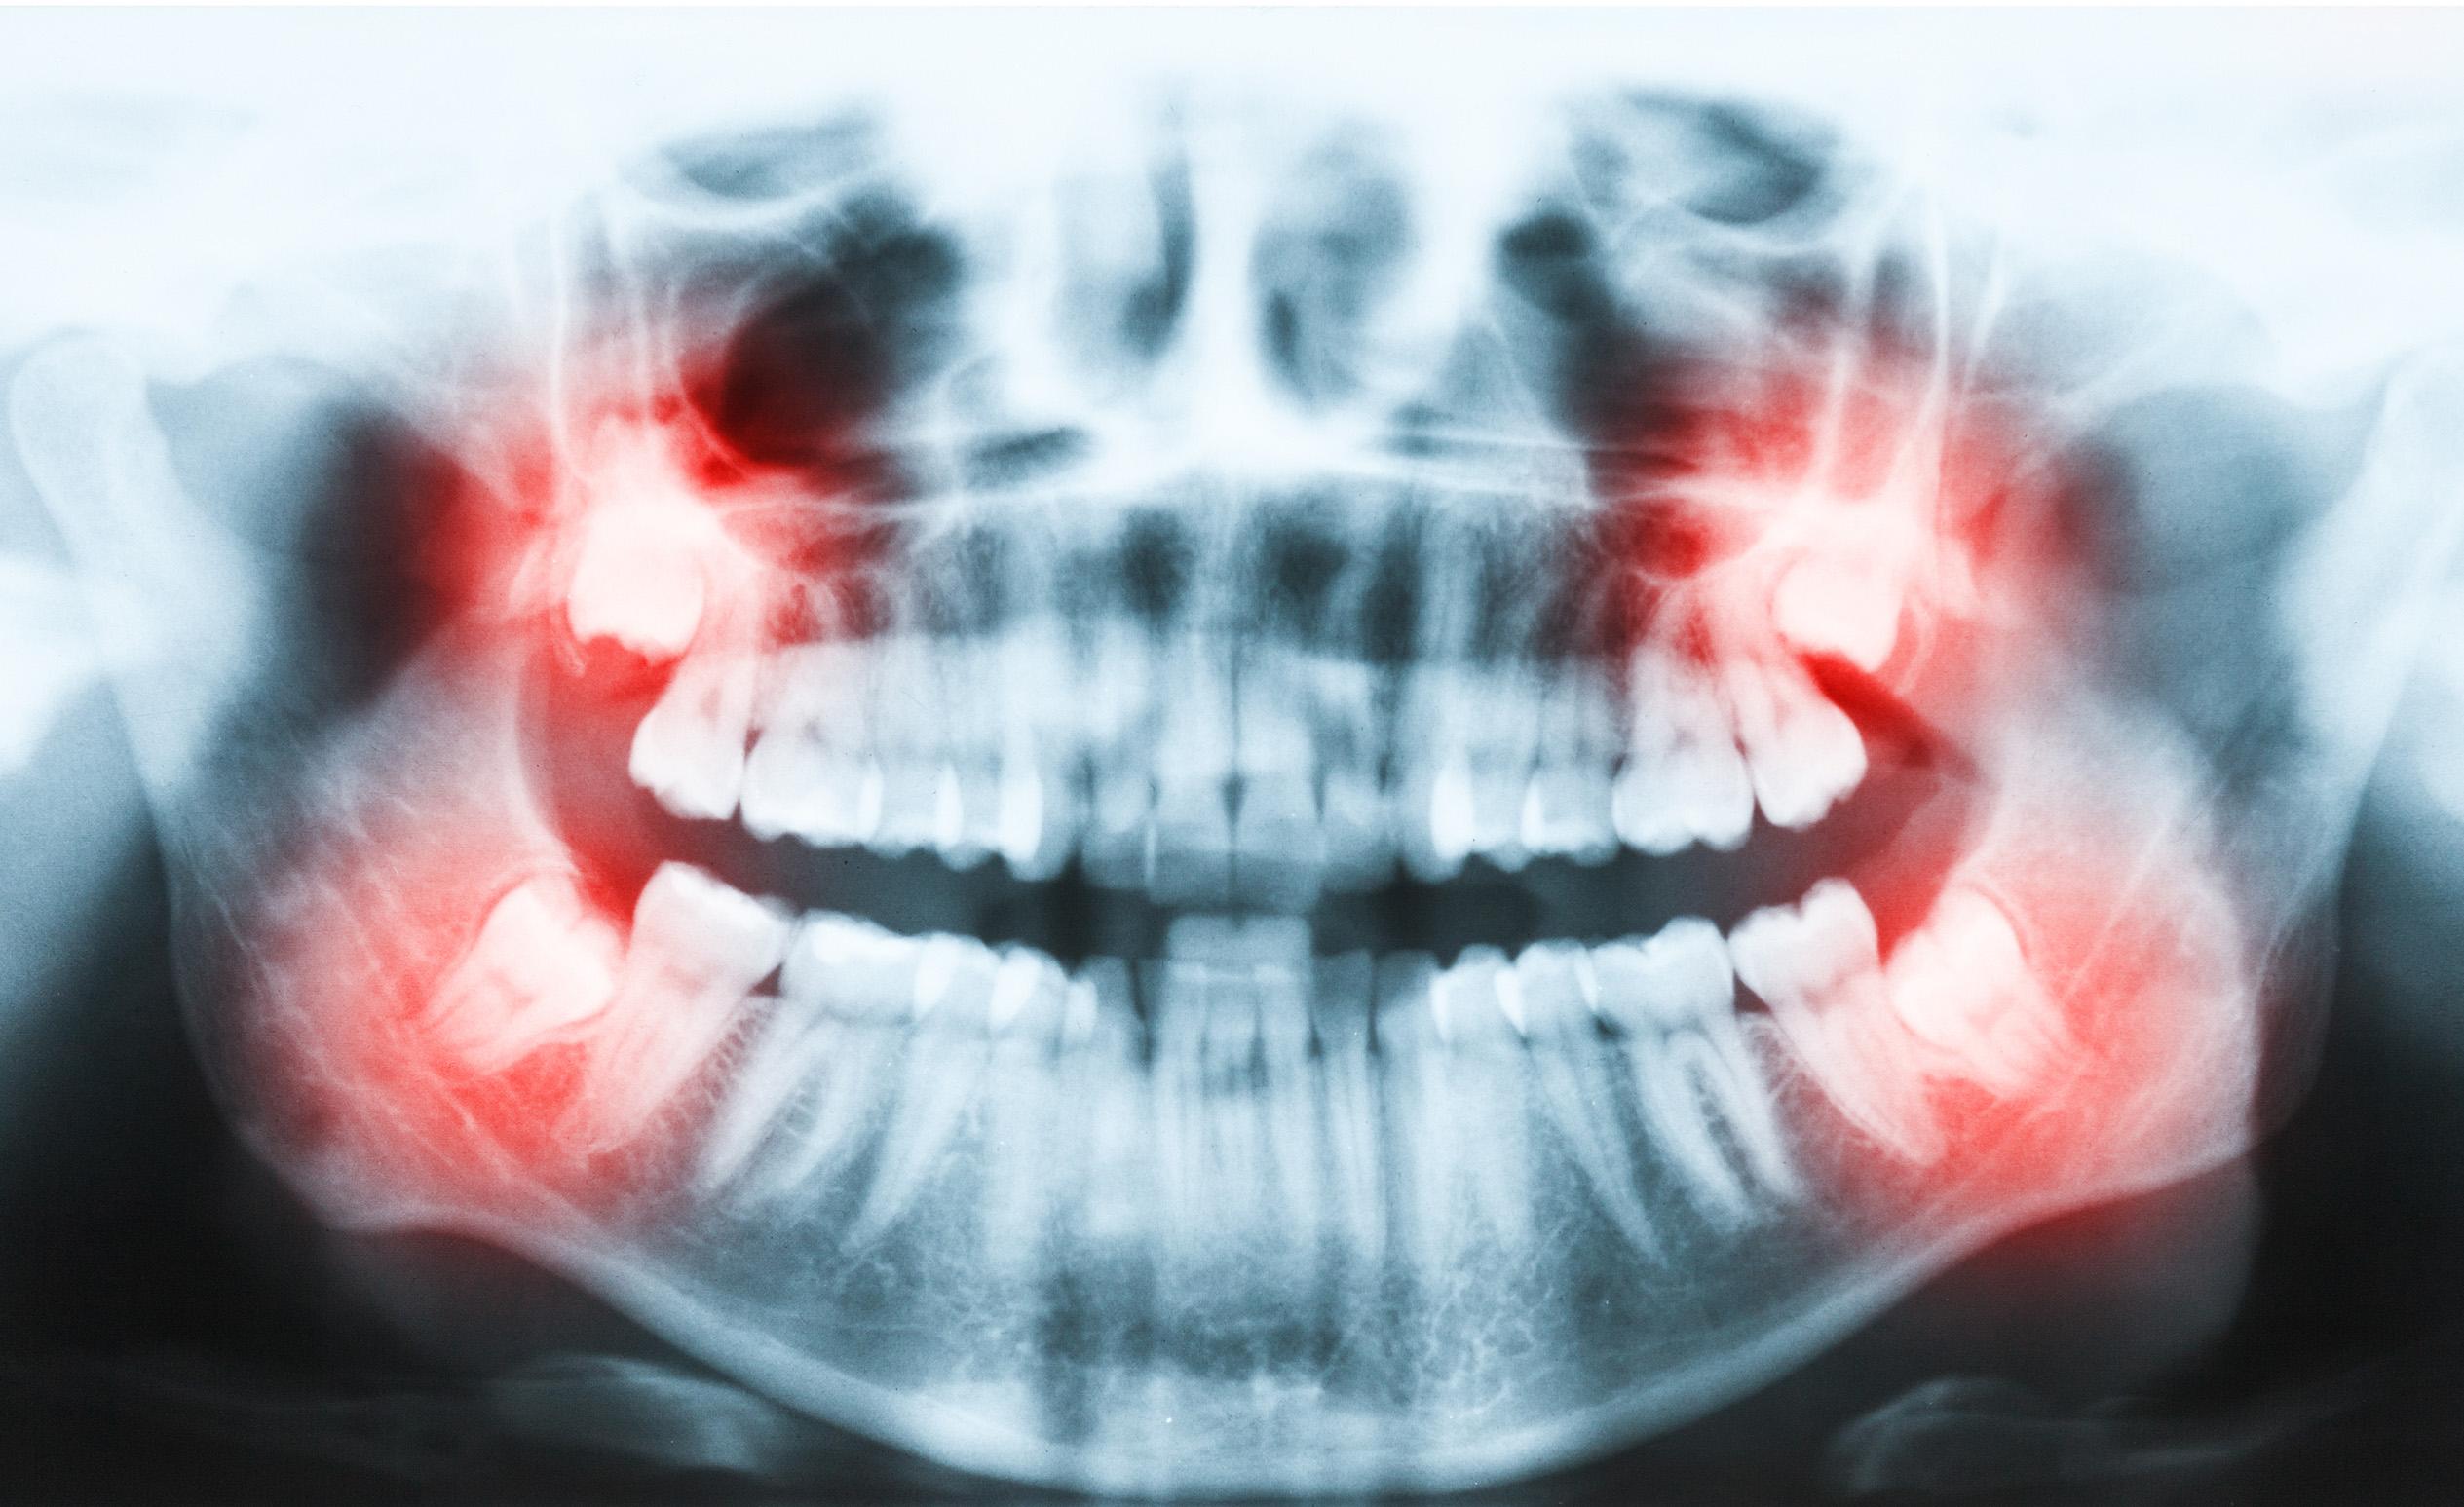 Fogászati röntgen felvétel, bölcsességfog műtét előtt.